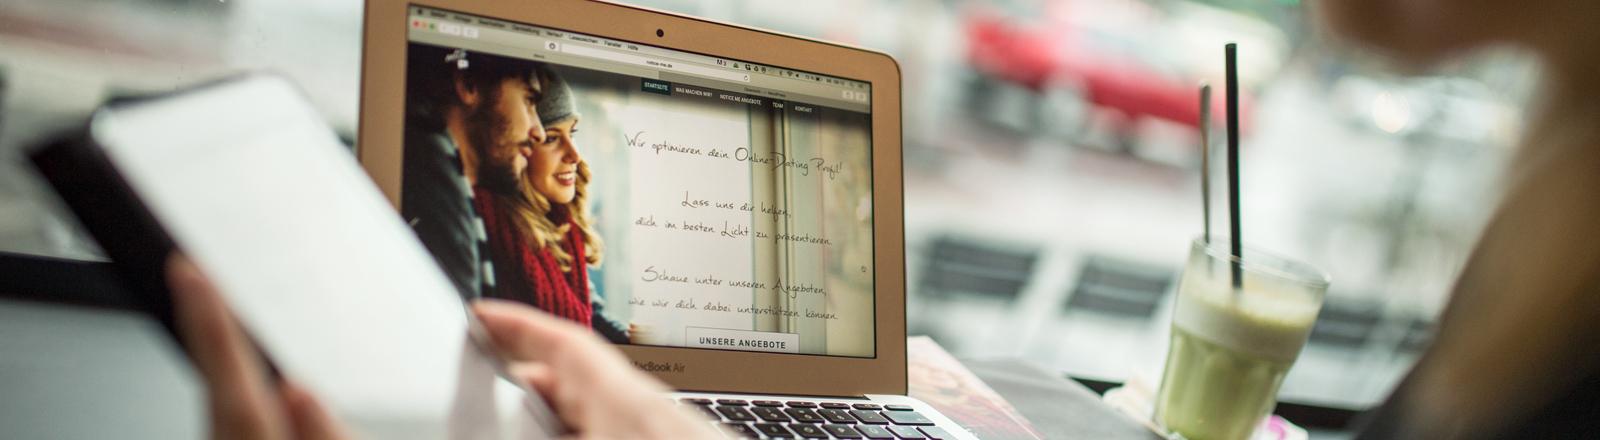 Zwei Hände halten ein iPad. Dahinter steht ein Laptop auf dem eine Dating-Seite zu sehen ist